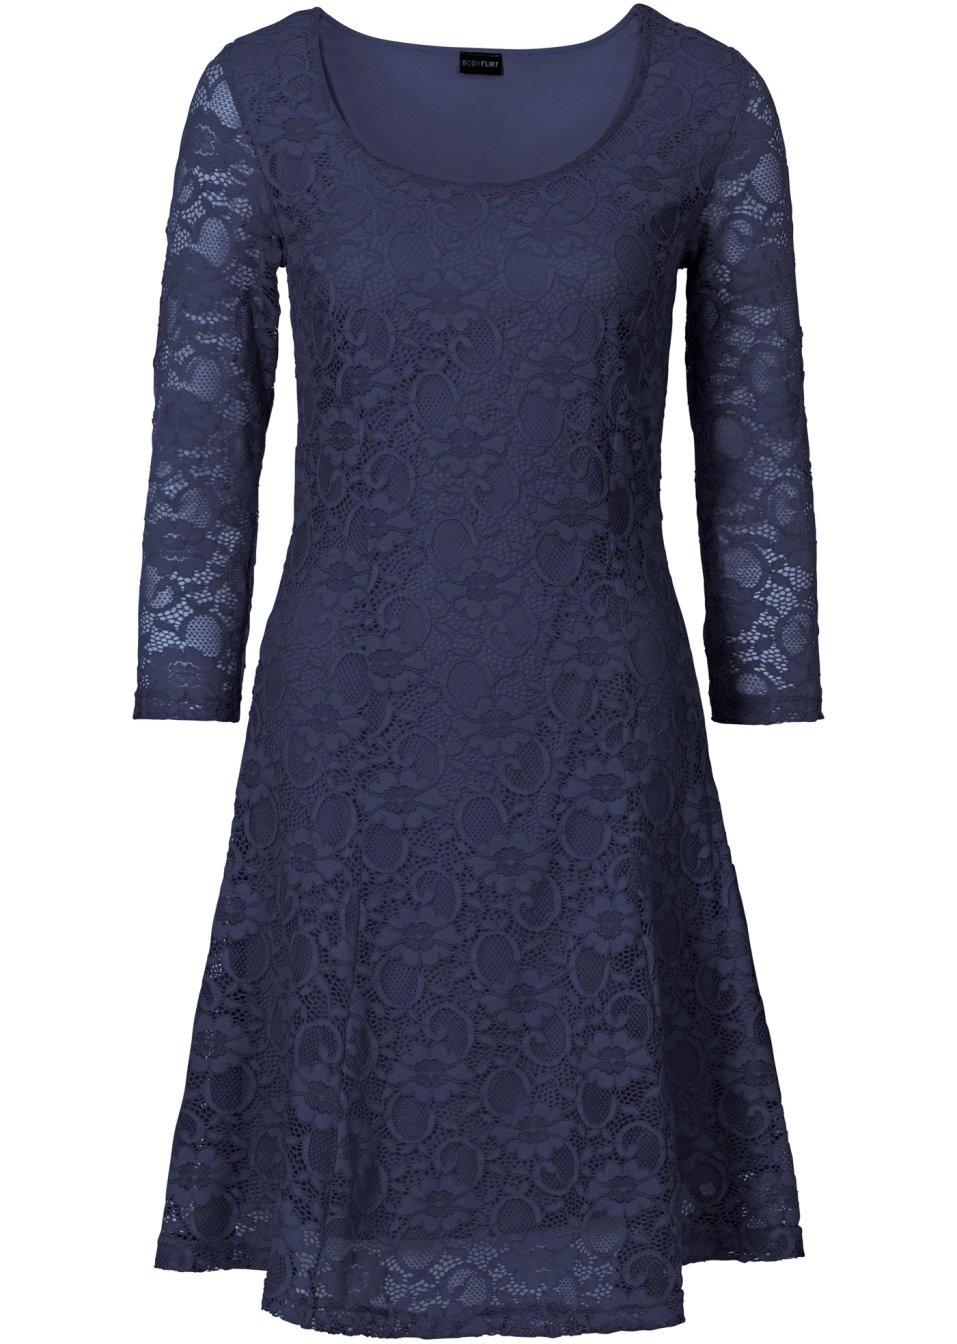 10 Top Dunkelblaues Kleid Spitze Design Einzigartig Dunkelblaues Kleid Spitze für 2019